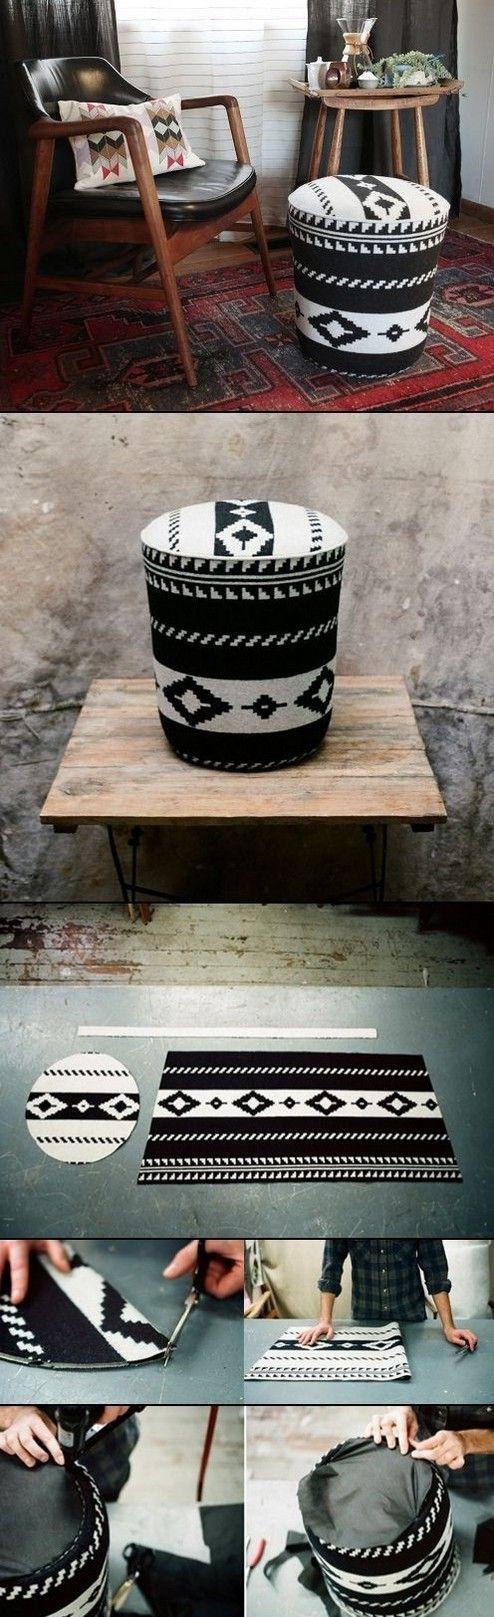 diy utility bucket ottoman diy pinterest diy geschenke m bel und wohnen. Black Bedroom Furniture Sets. Home Design Ideas